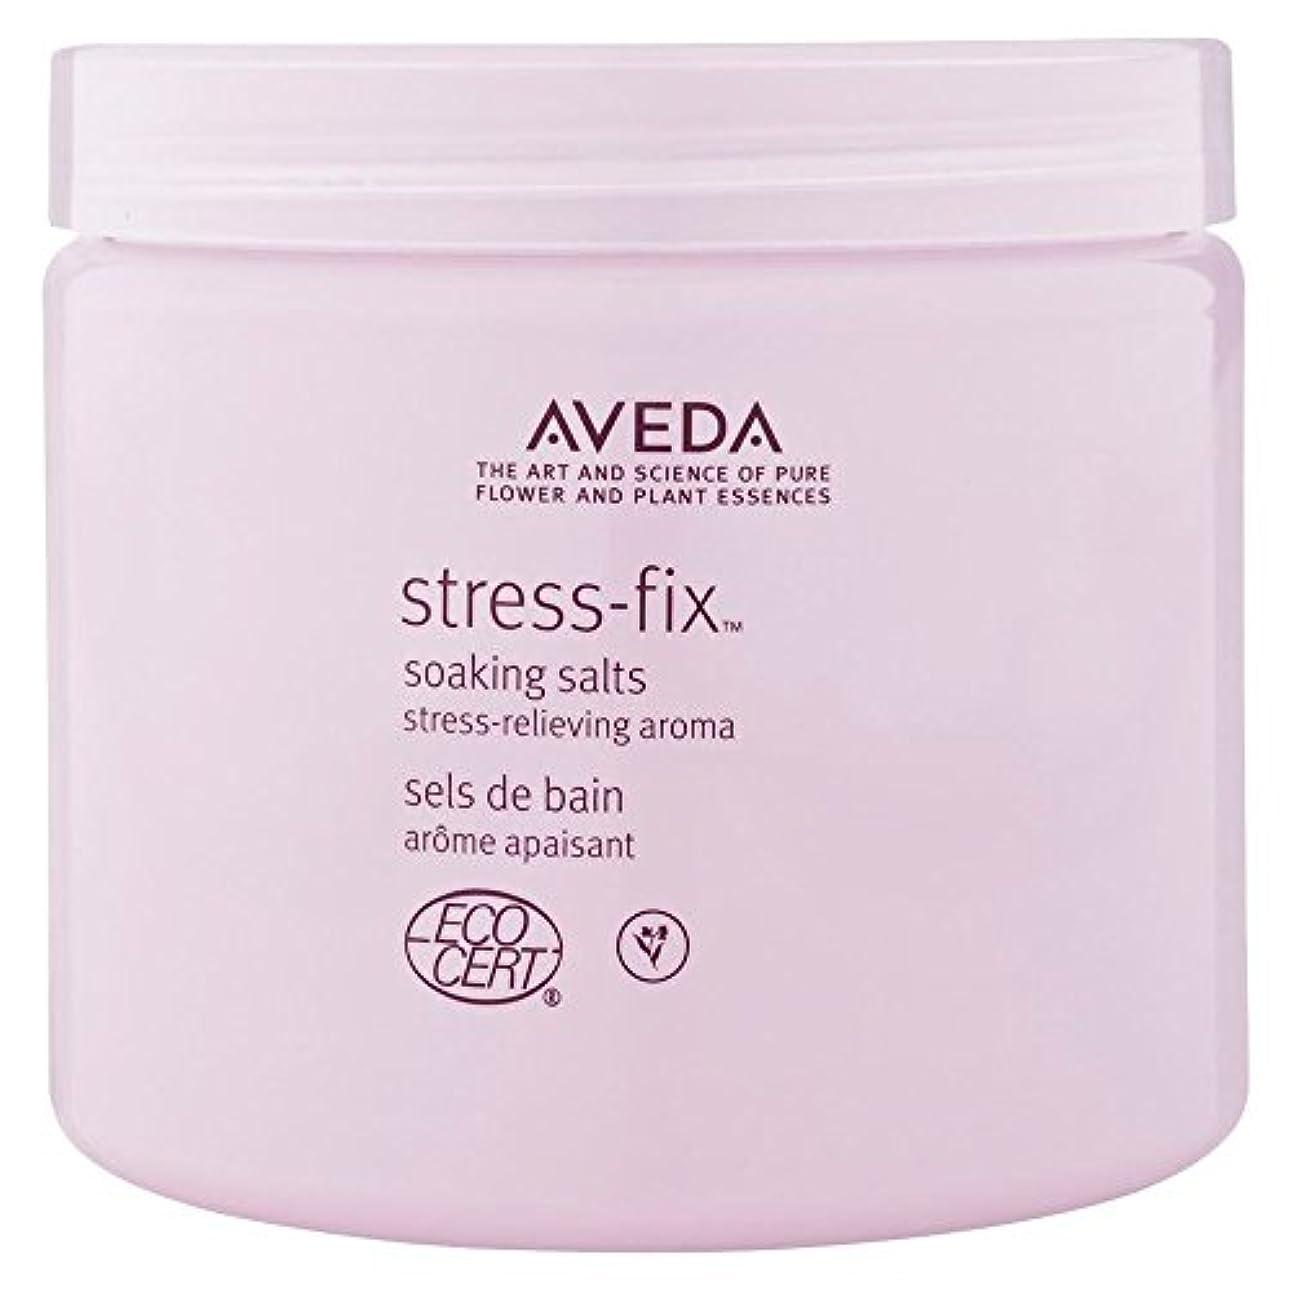 航海のお客様聖歌[AVEDA] アヴェダストレスフィックス均熱塩454グラム - Aveda Stress-Fix Soaking Salts 454g [並行輸入品]